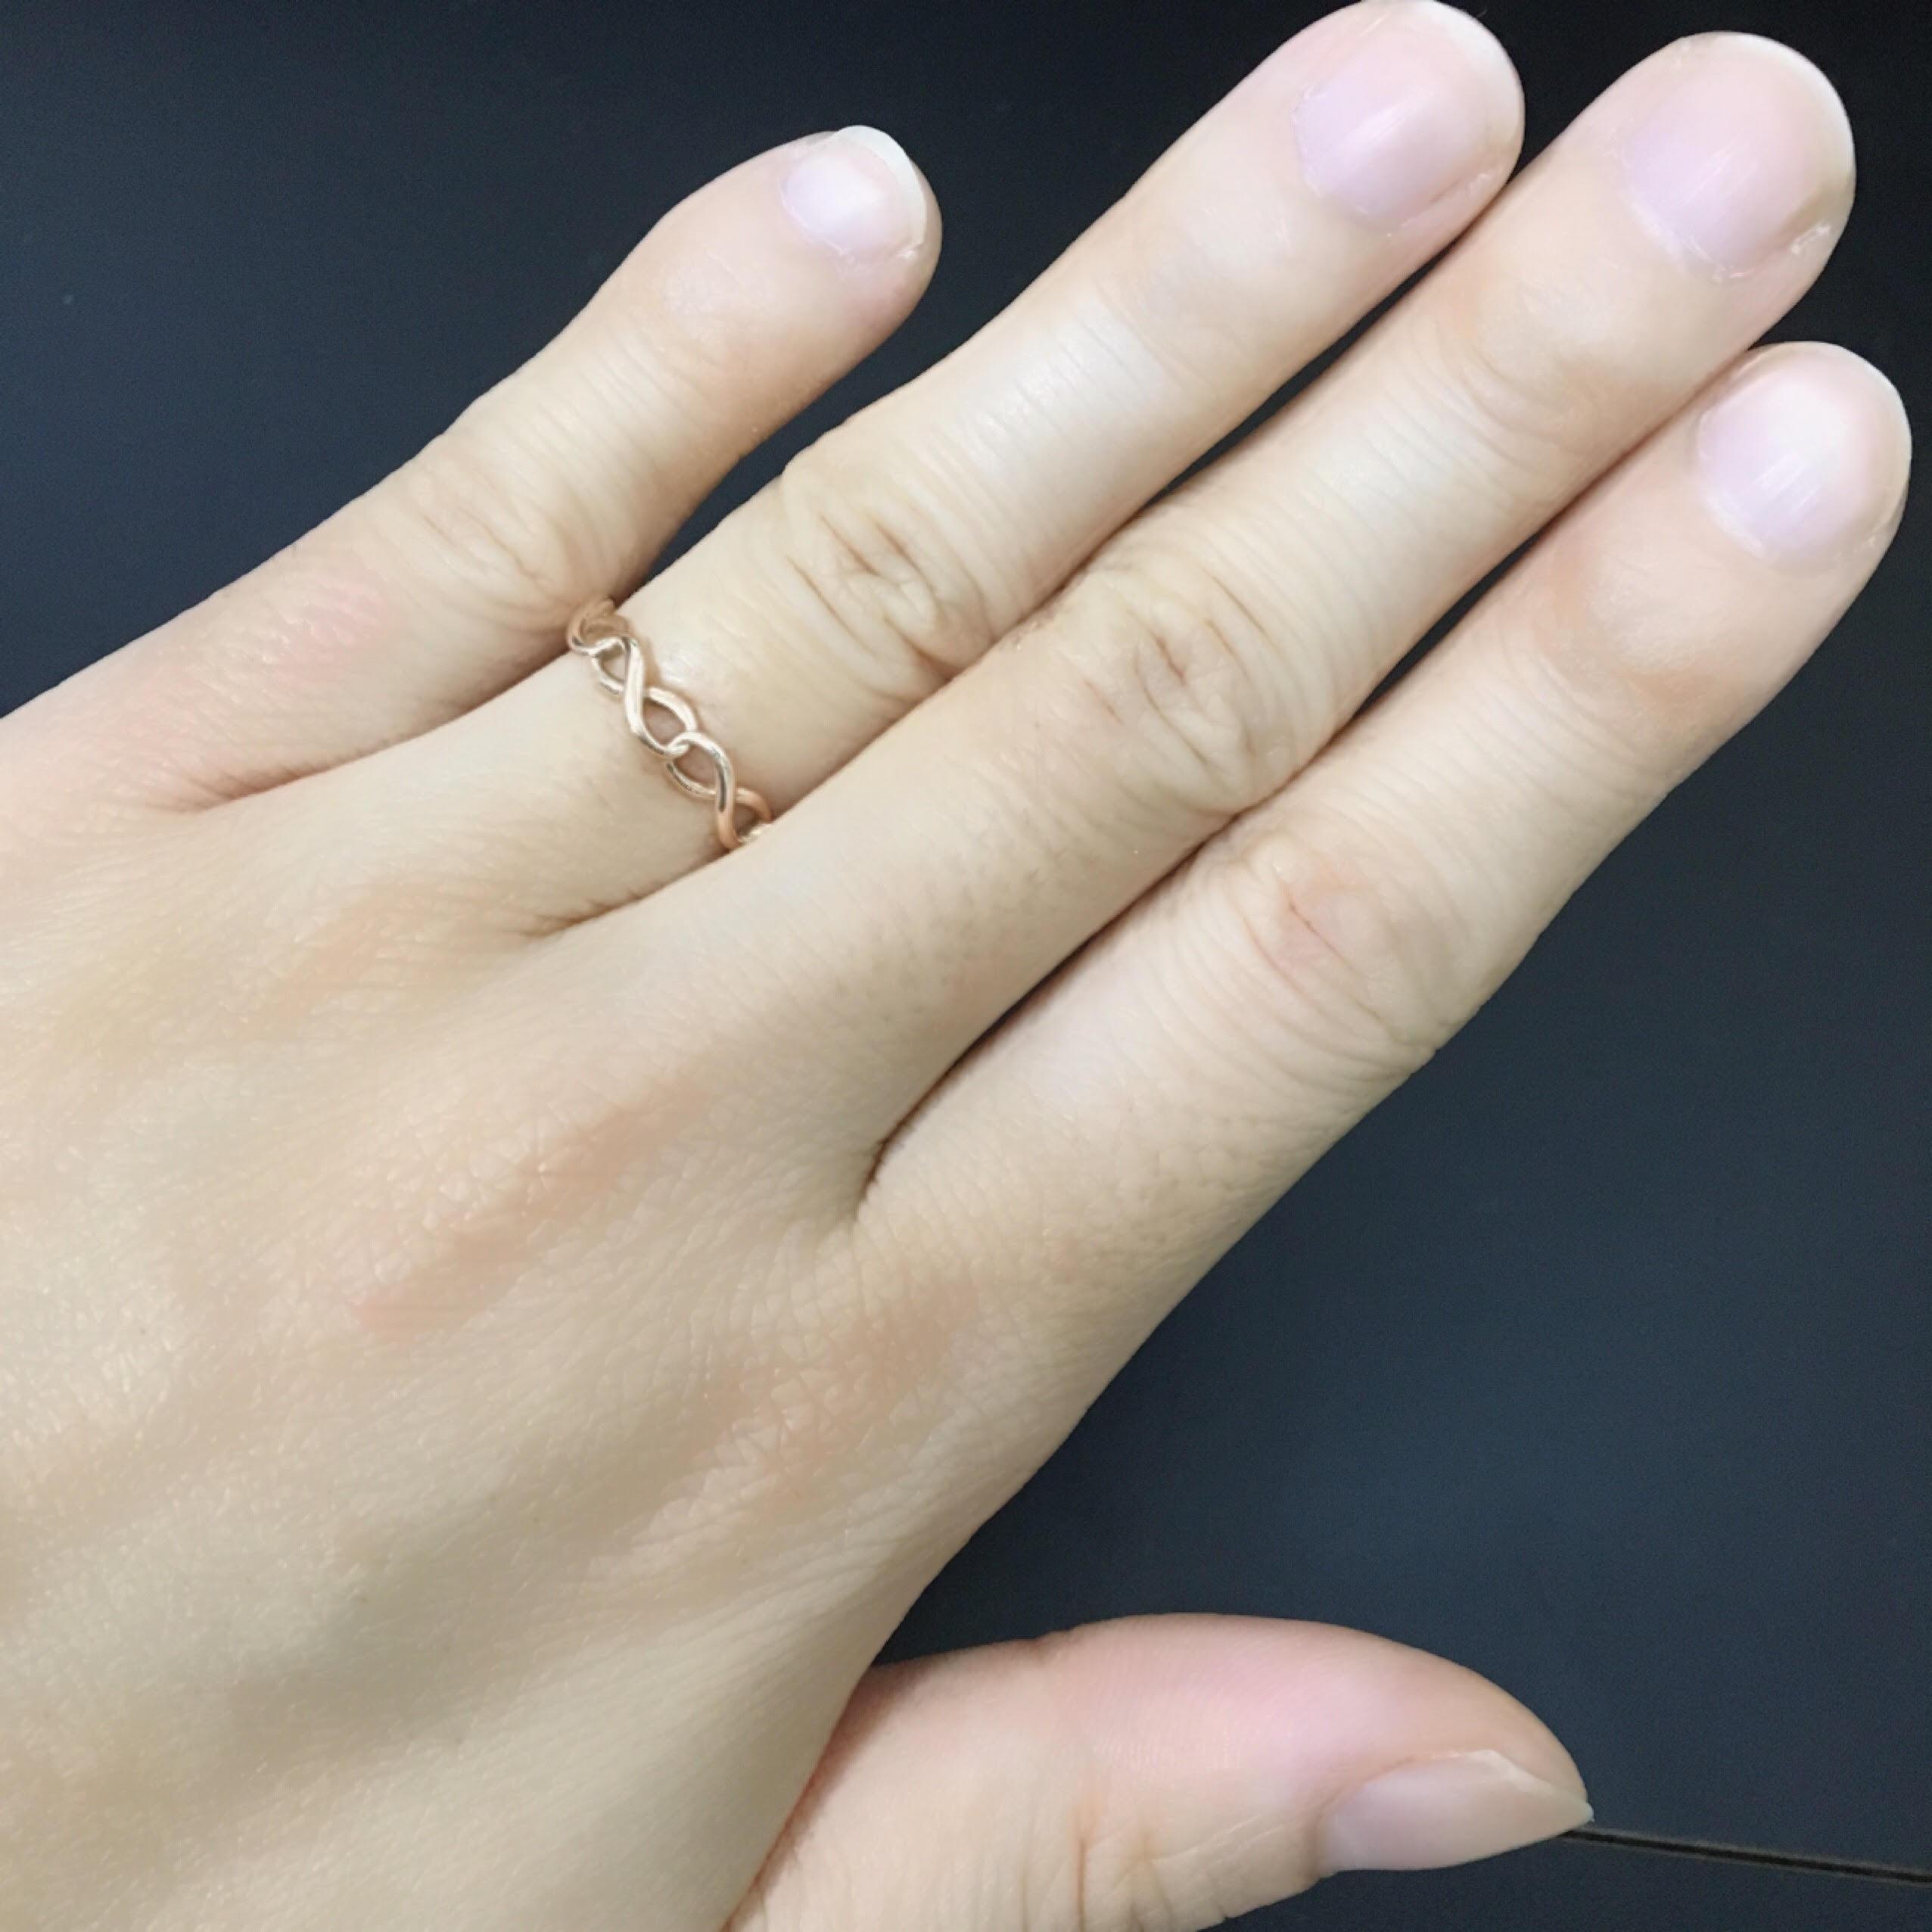 new product 6a6c3 5e350 2年続けてティファニーのリングをプレゼントしてくれた、彼の ...